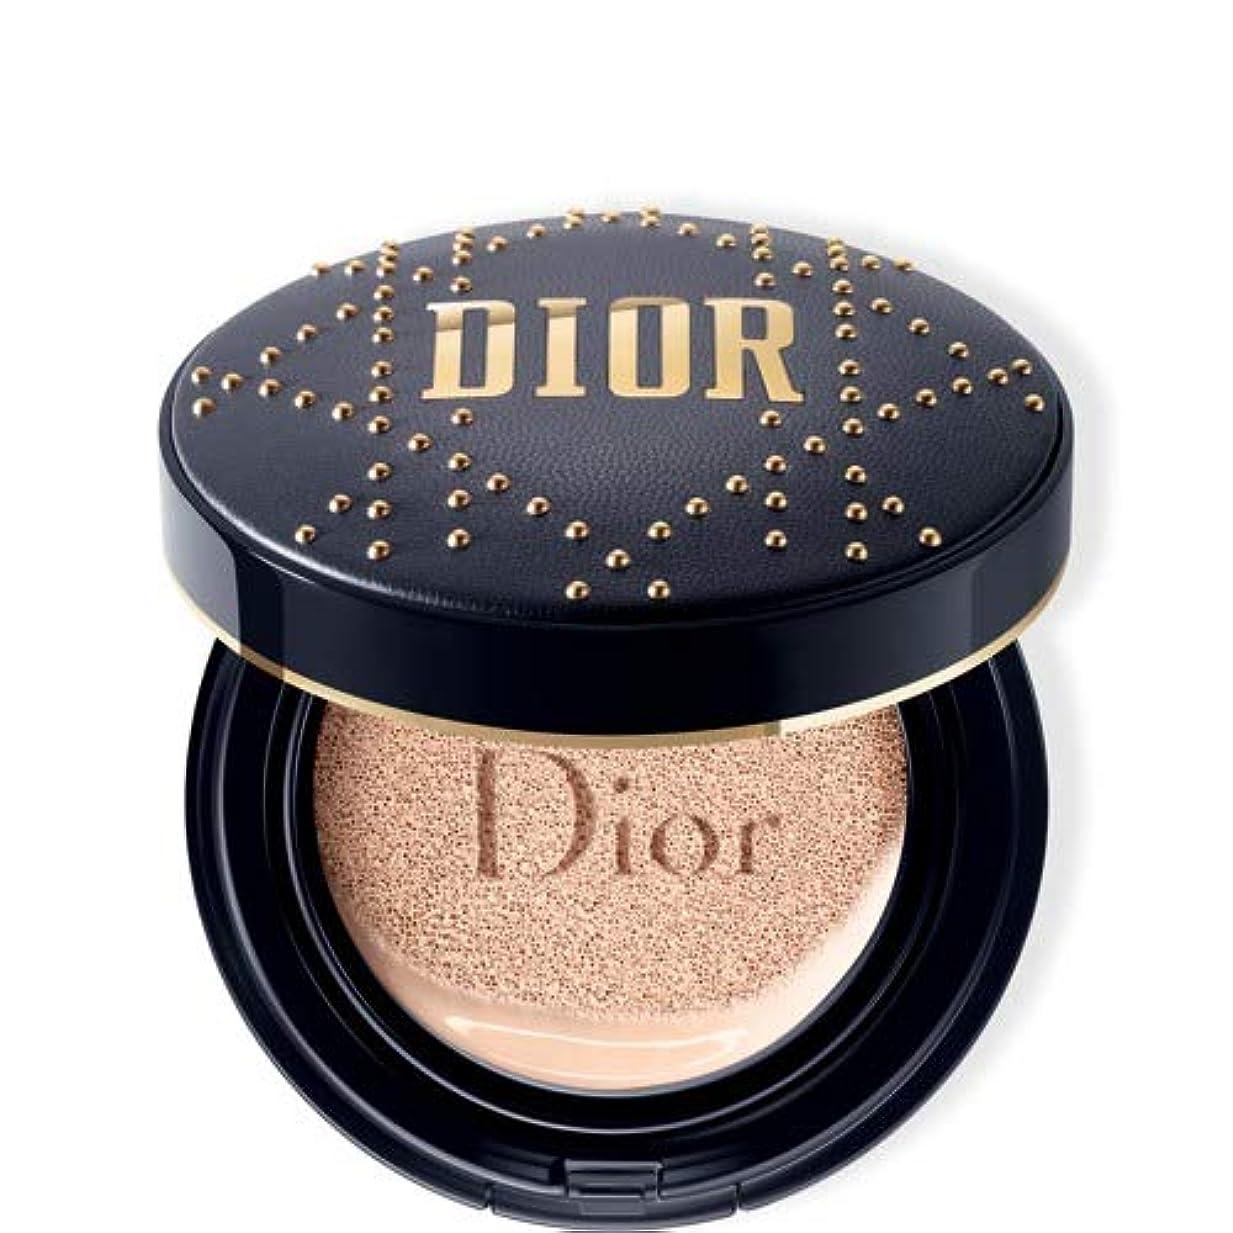 アセンブリ医薬品交通Dior ディオールスキン フォーエヴァー クッション - 限定スタッズ カナージュ ケース #030